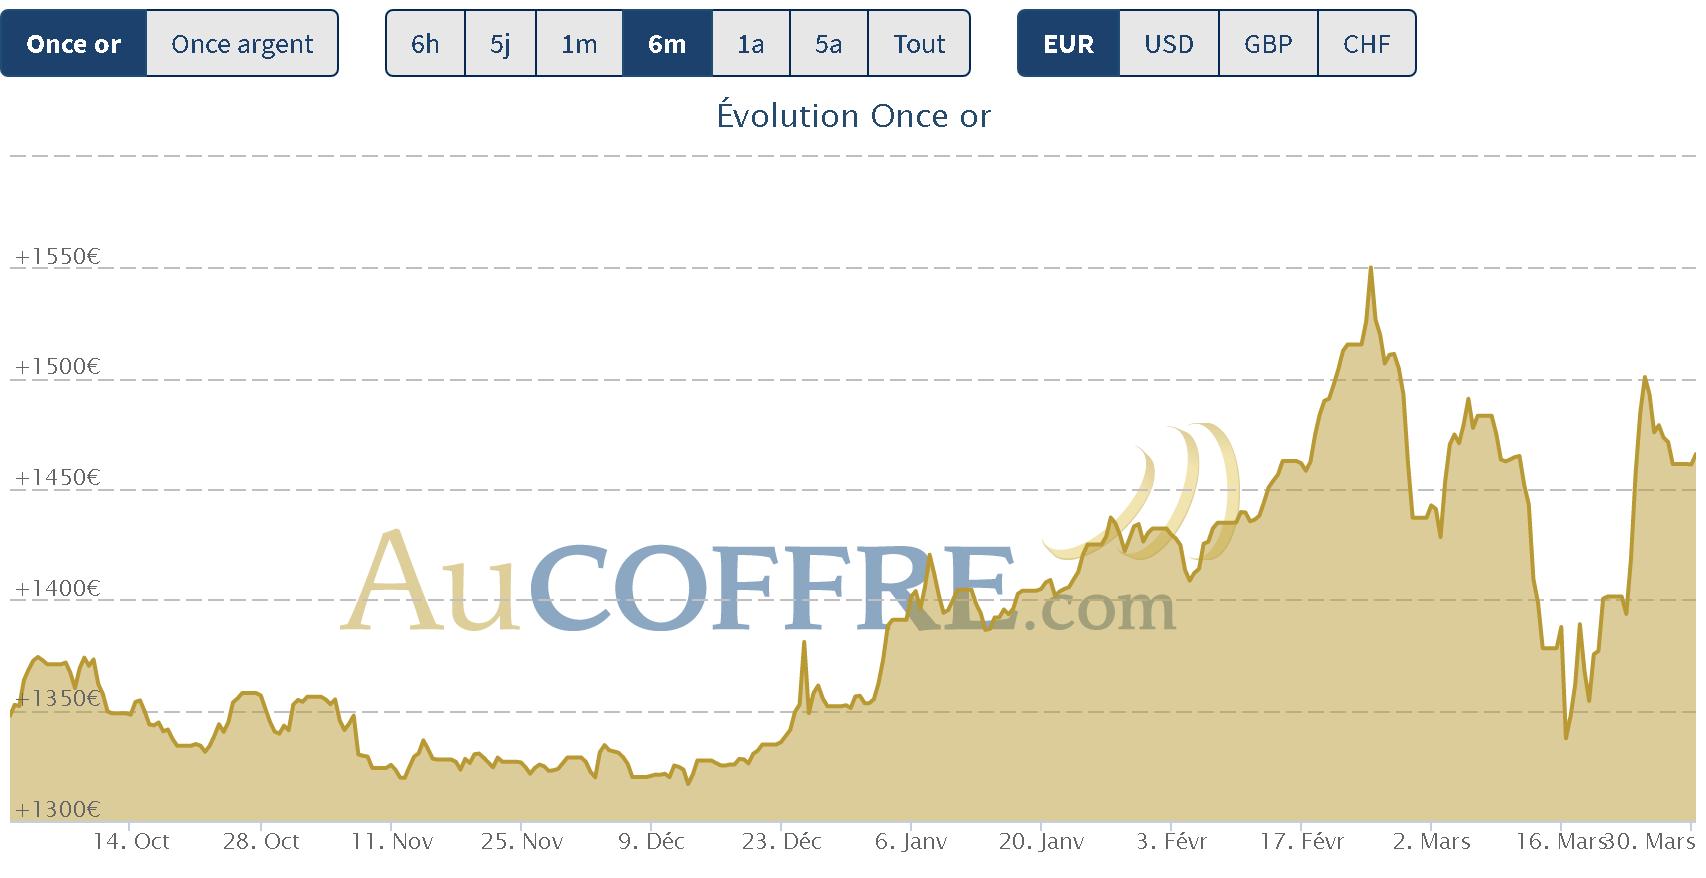 cours de l'or à la fin du mois de mars 2020